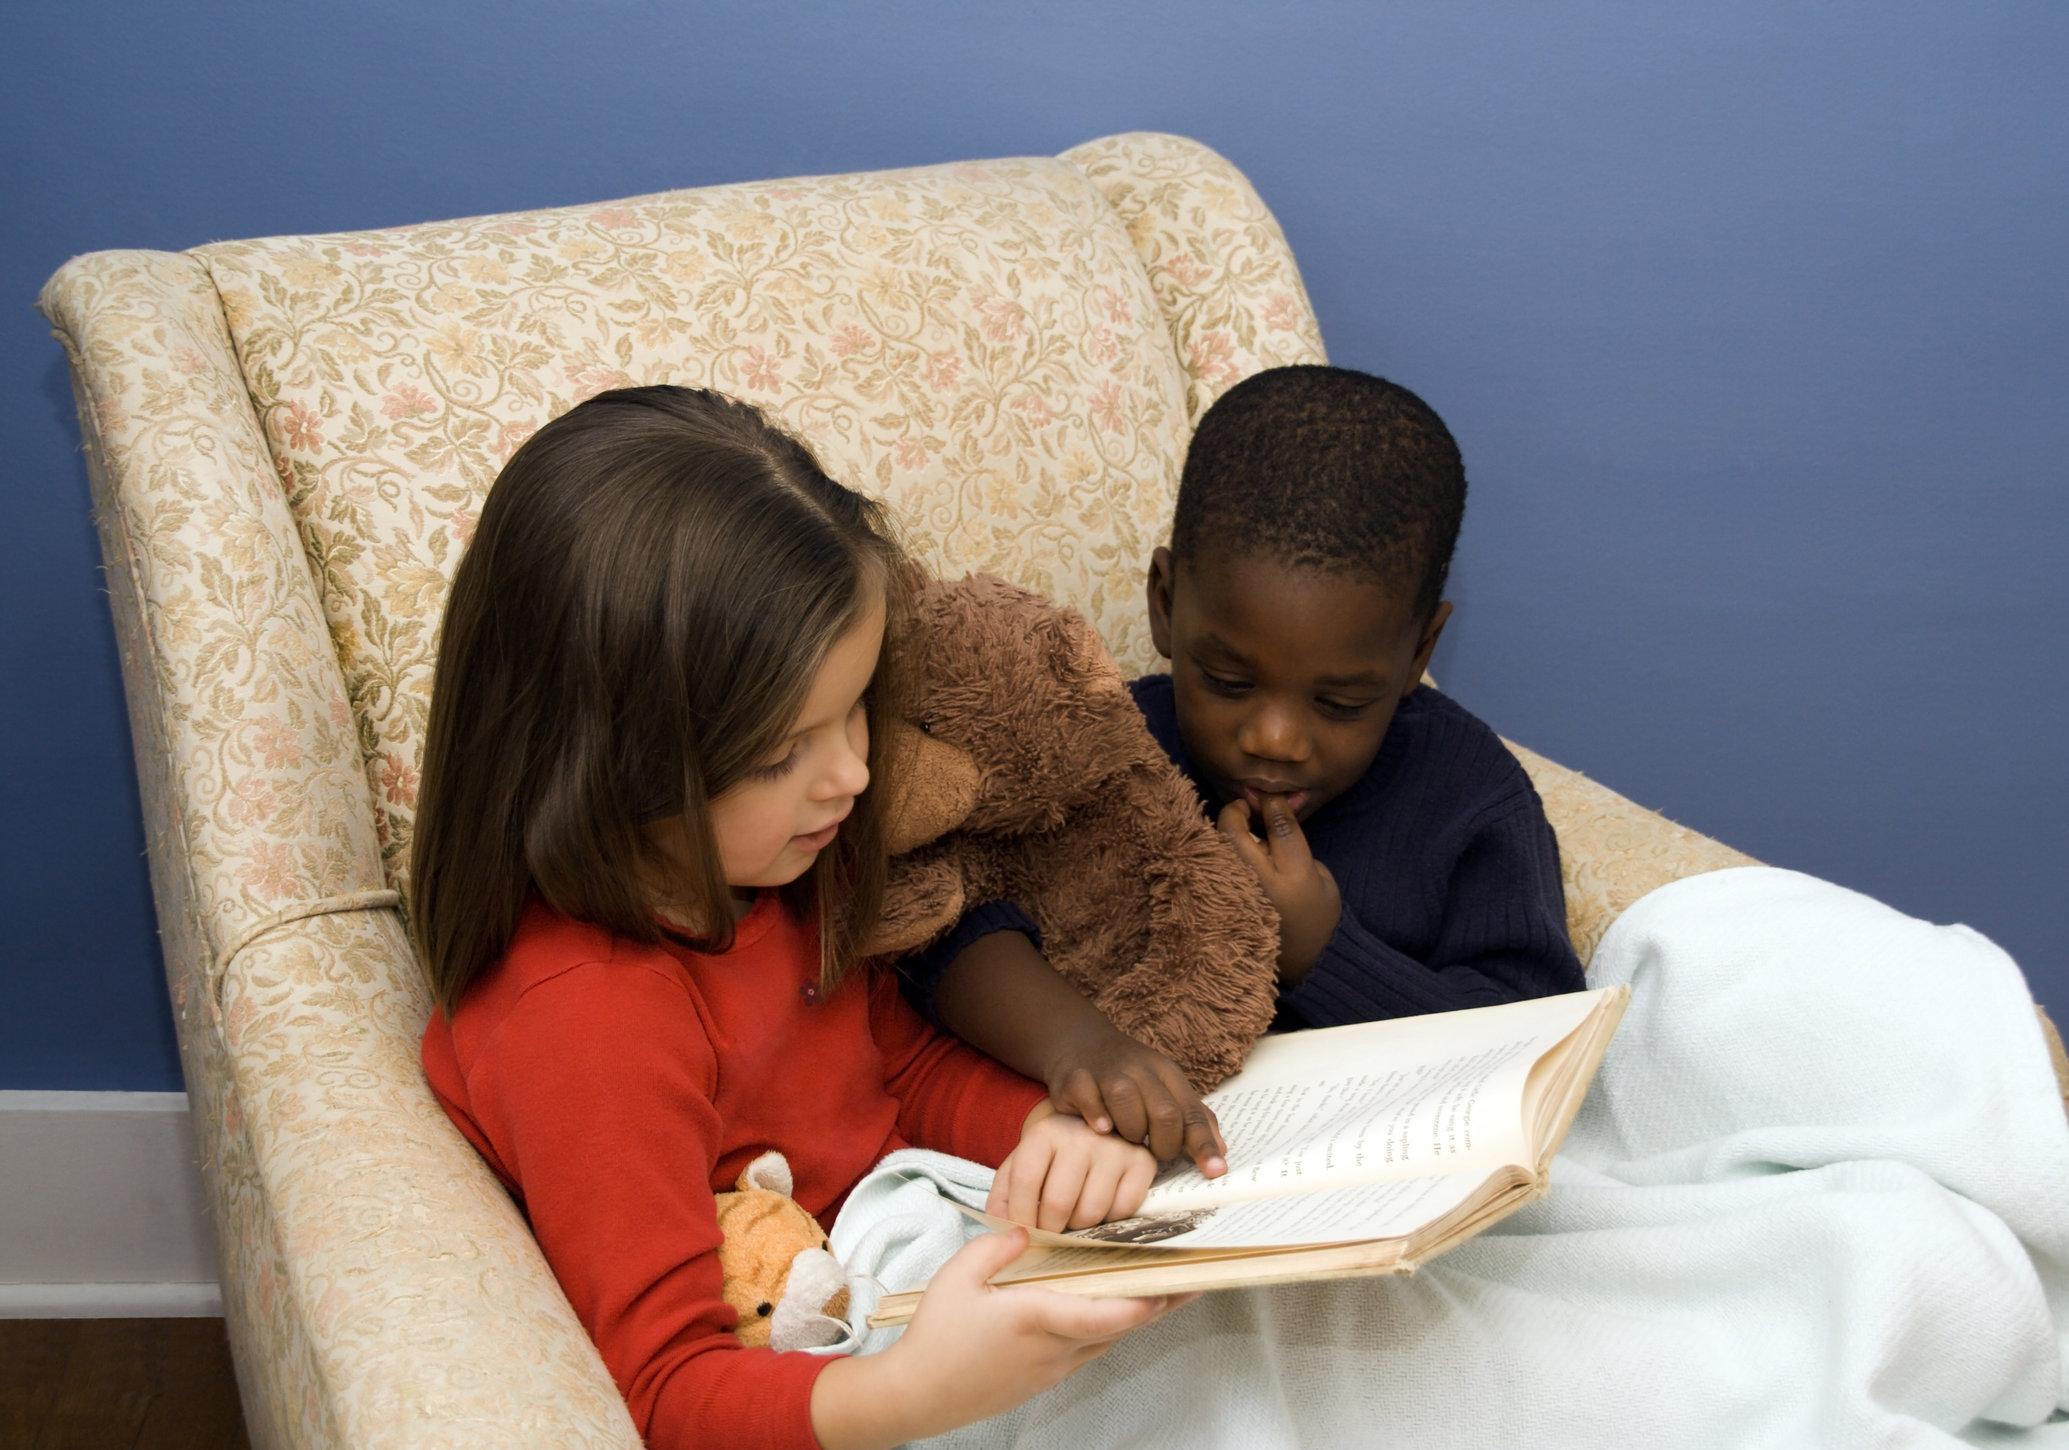 دعوة لتقديم نصوص لإصدار كتب للأطفال 2019